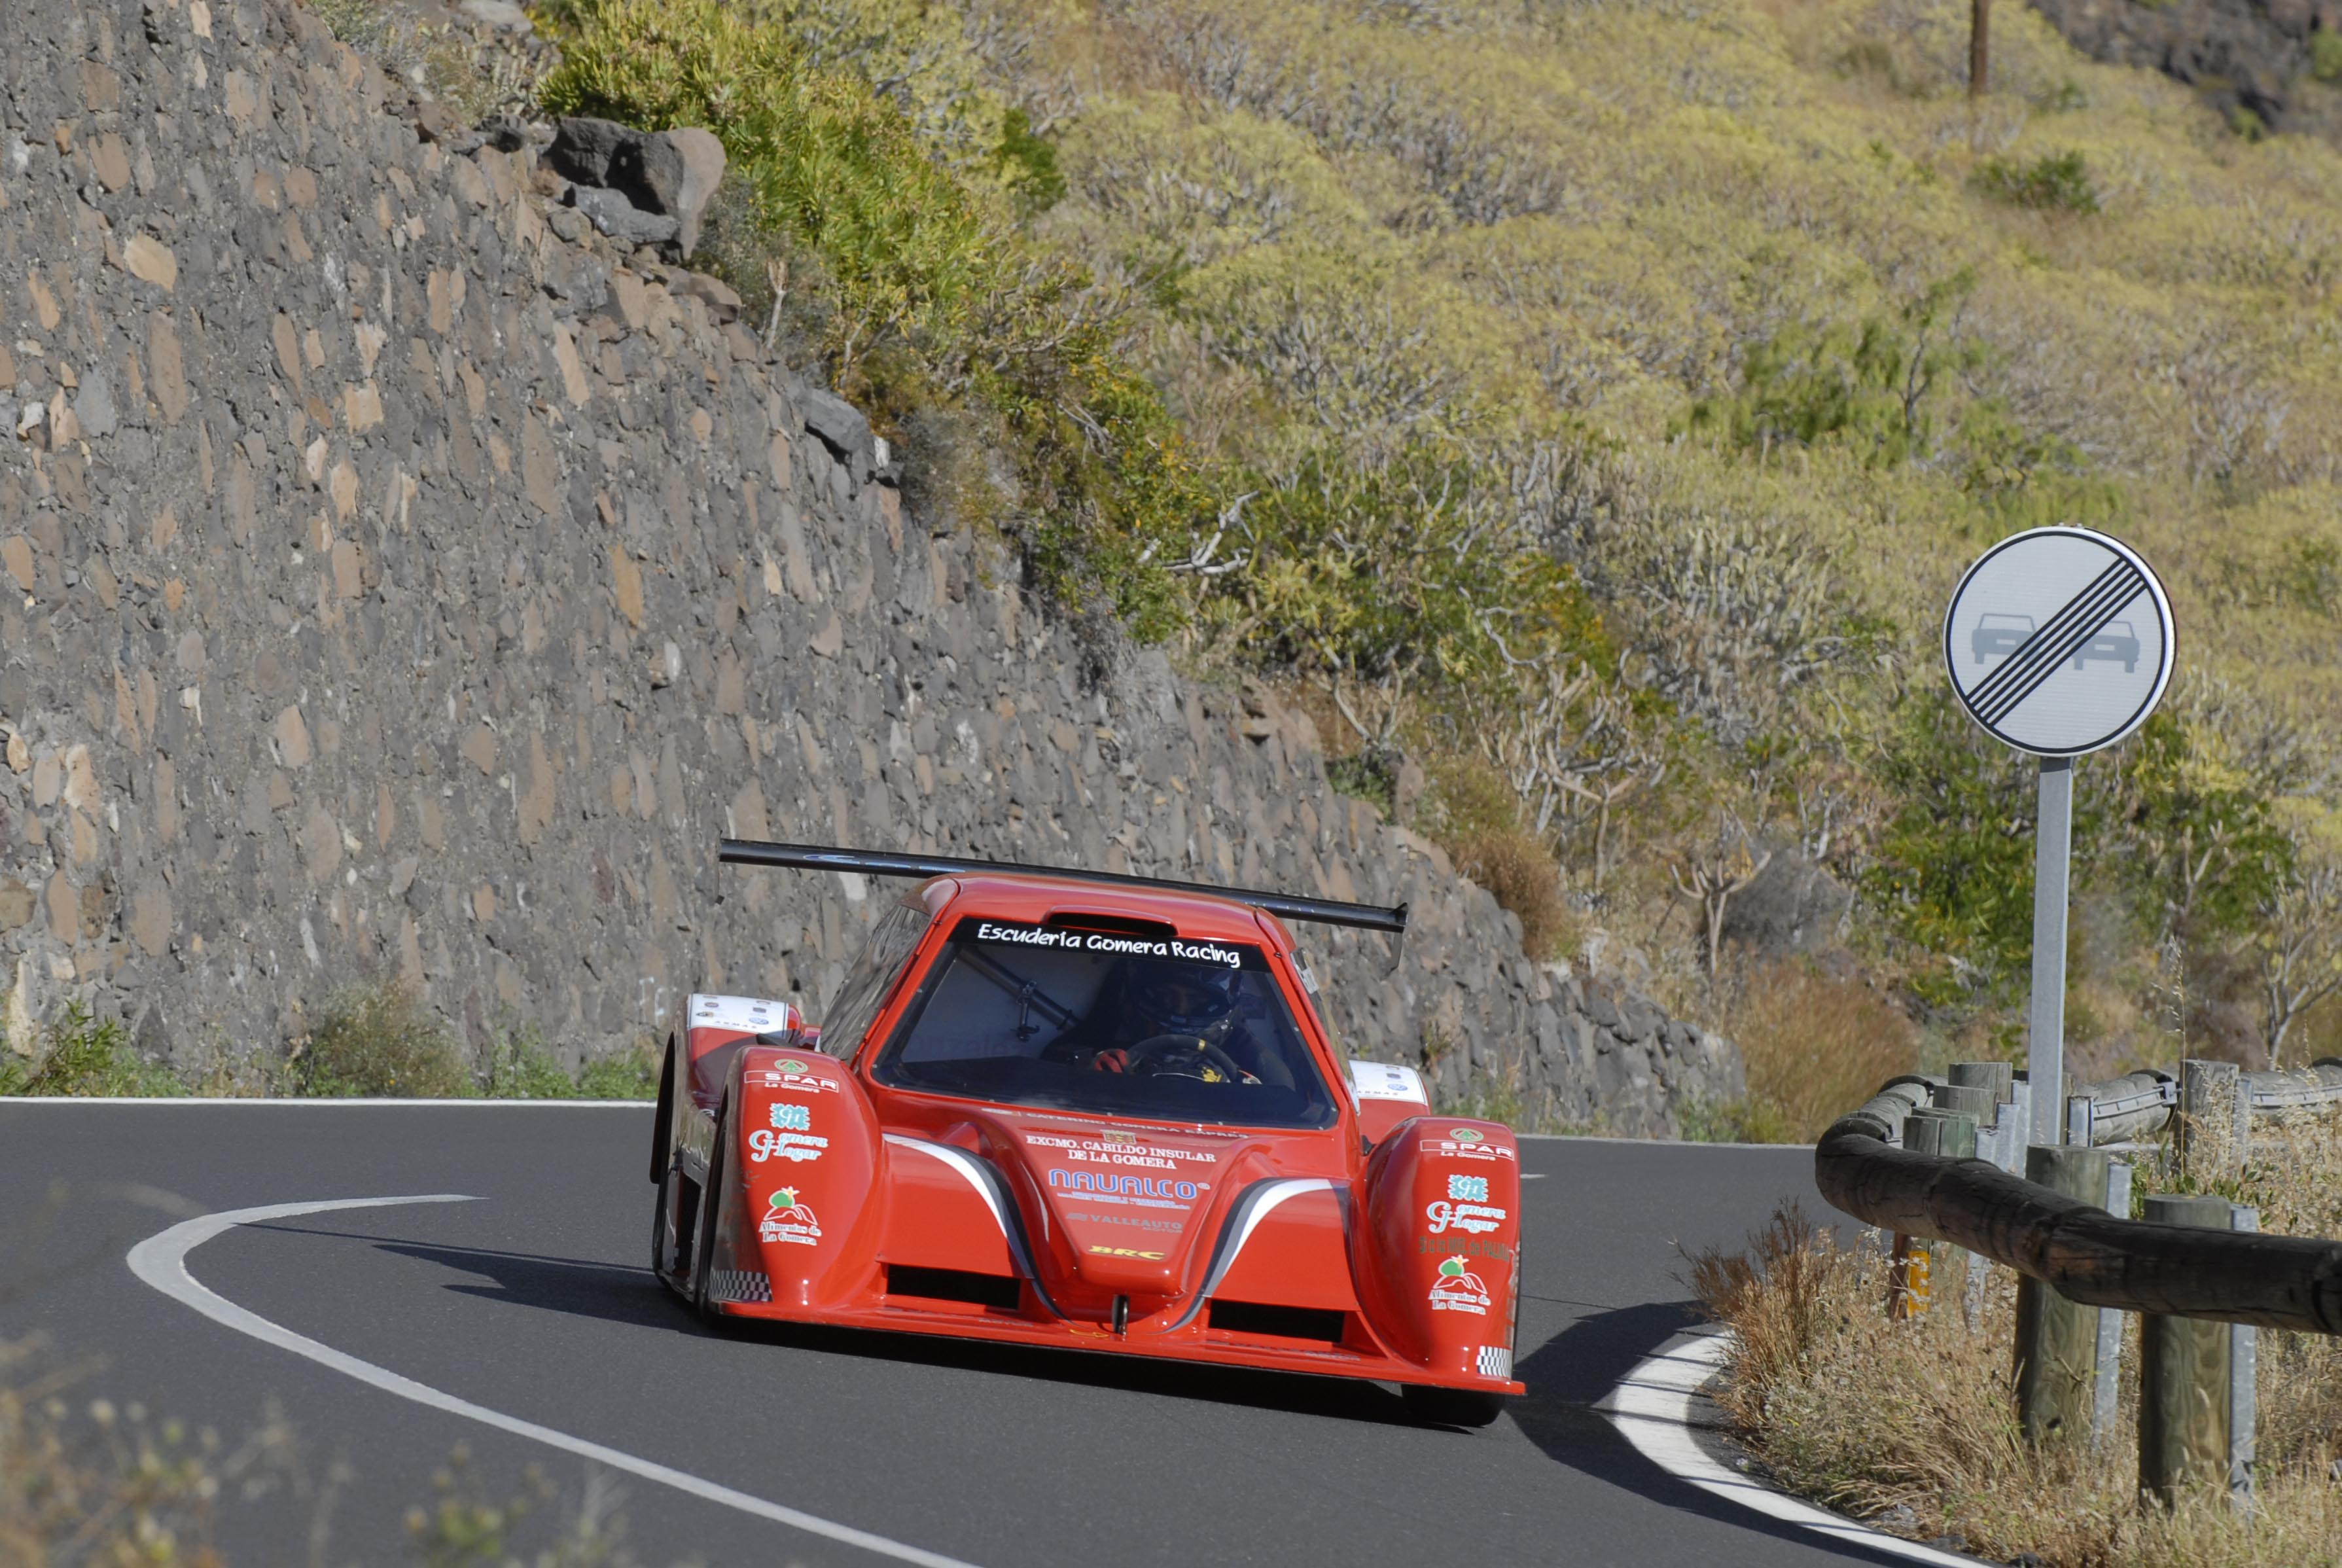 📢 La Escudería Gomera Racing organizará tres pruebas en la temporada 2019